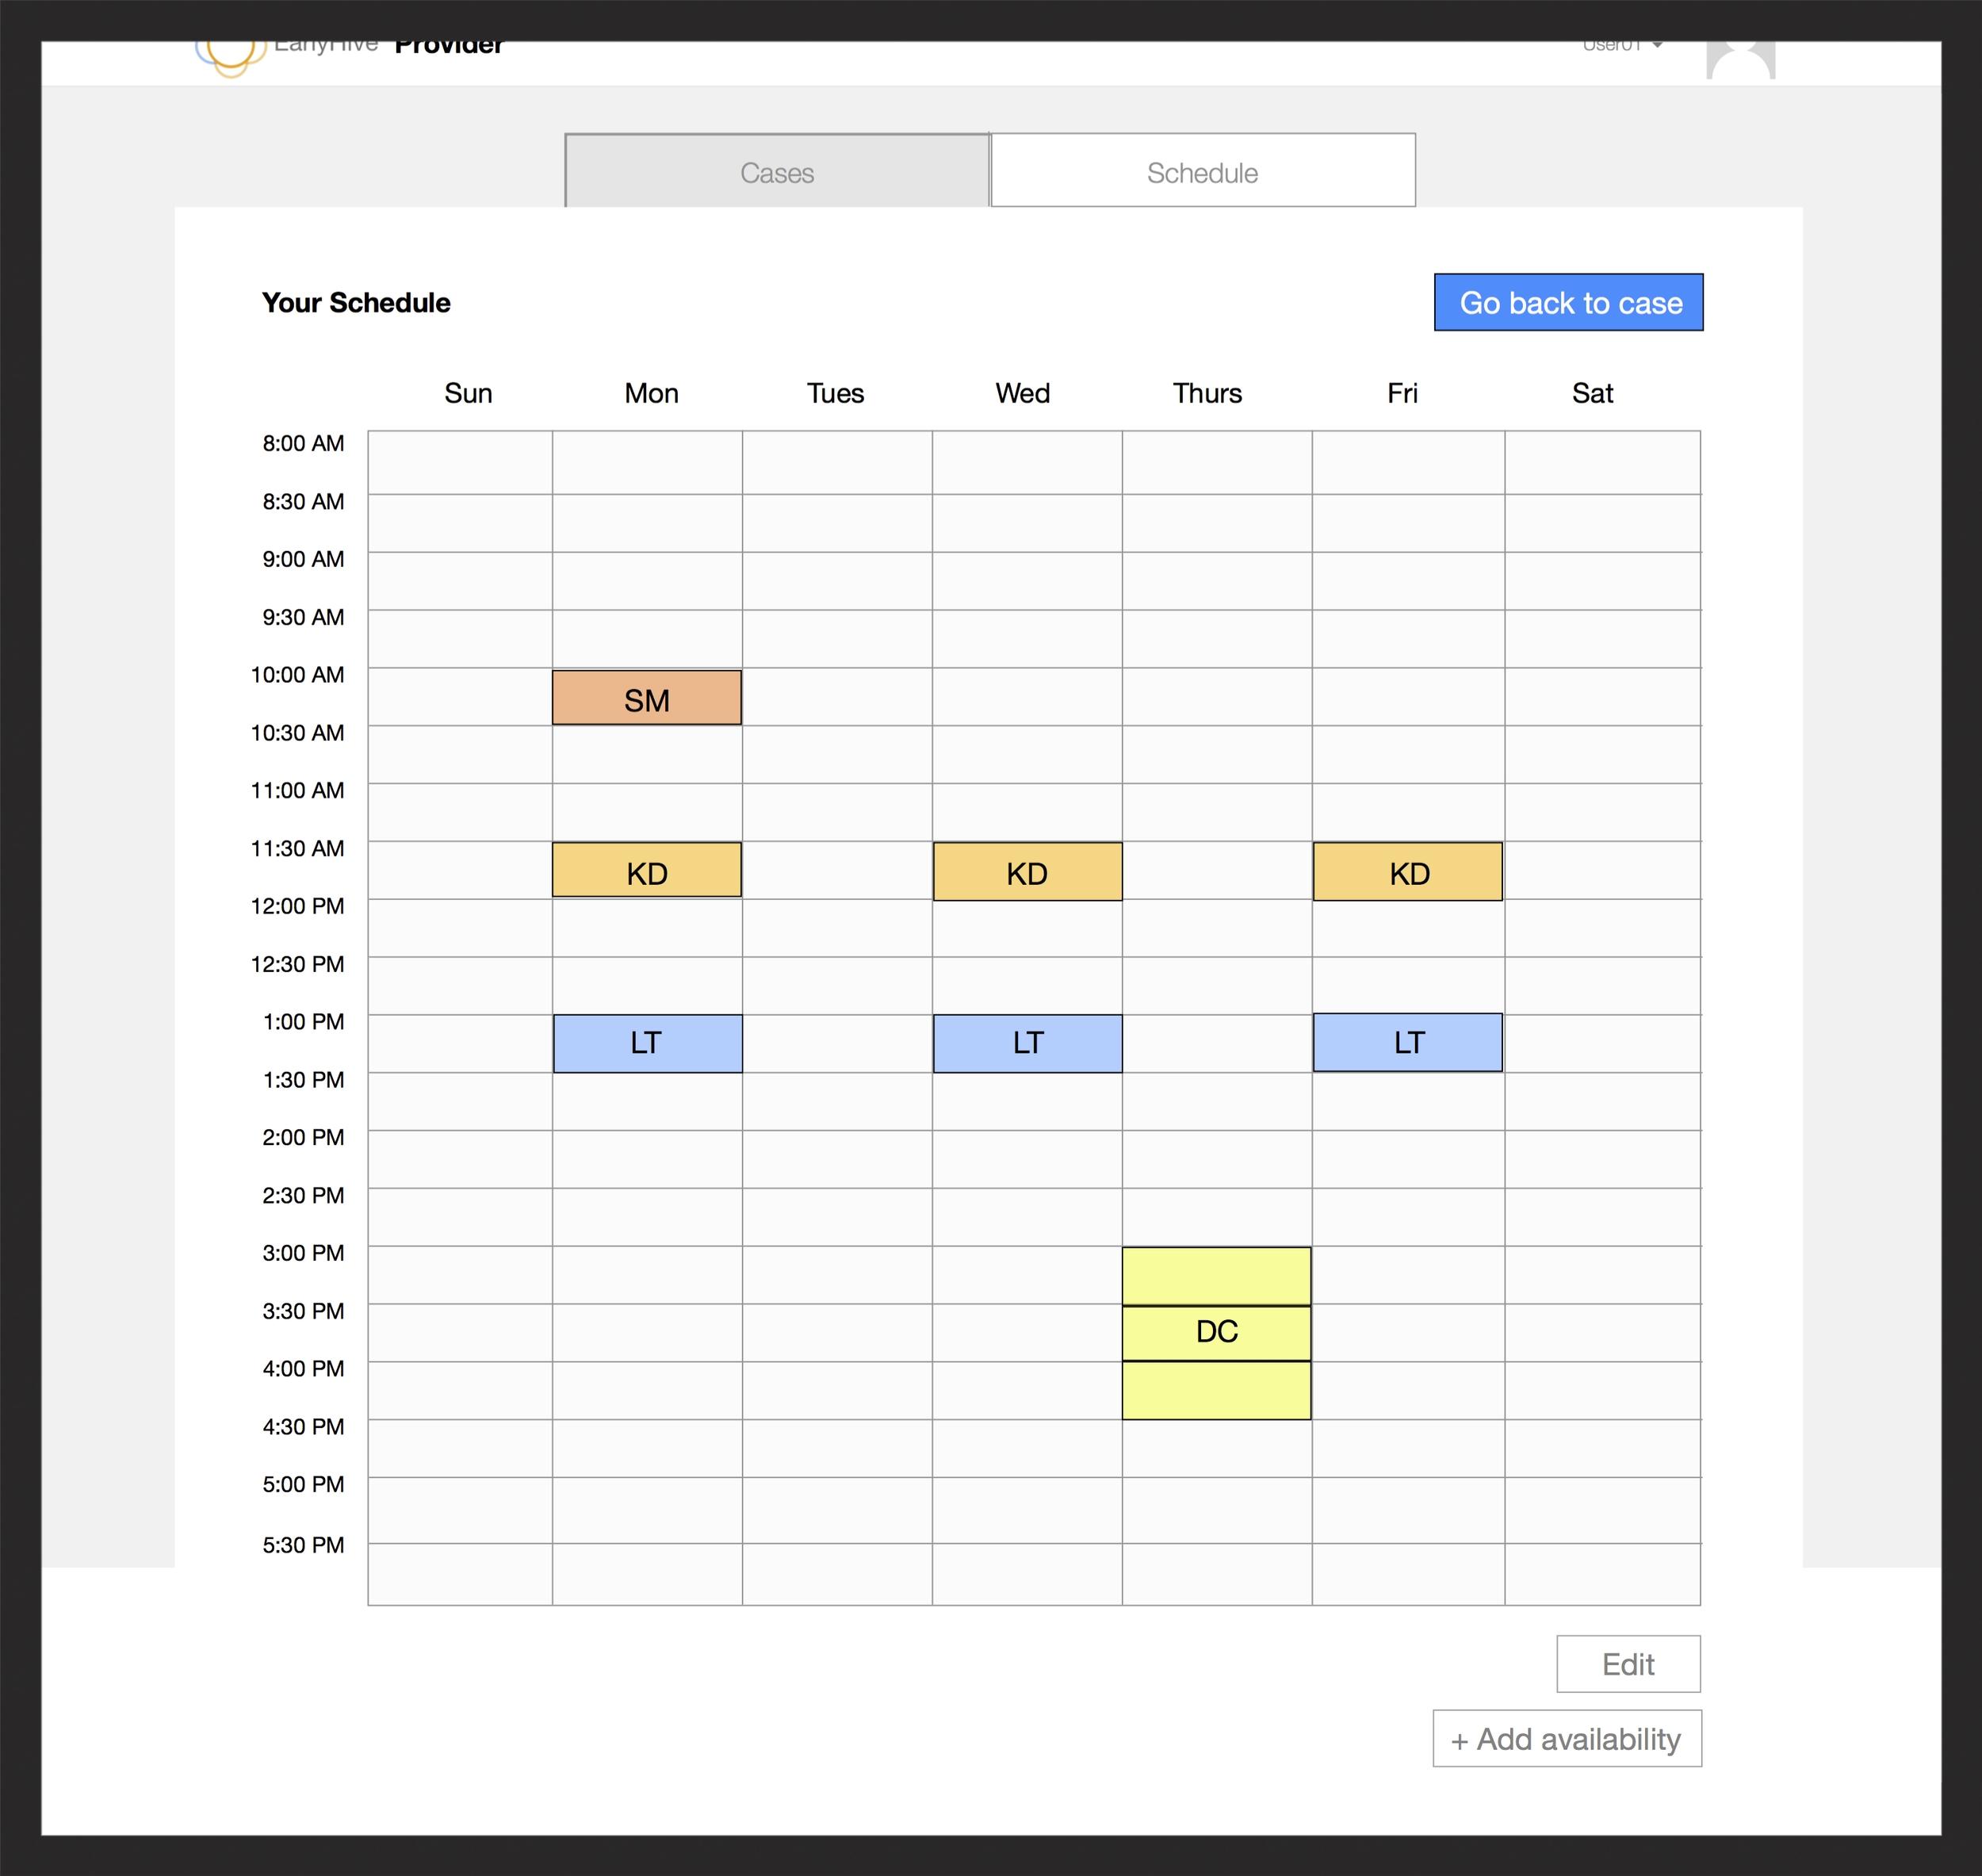 ScheduleV2.jpg